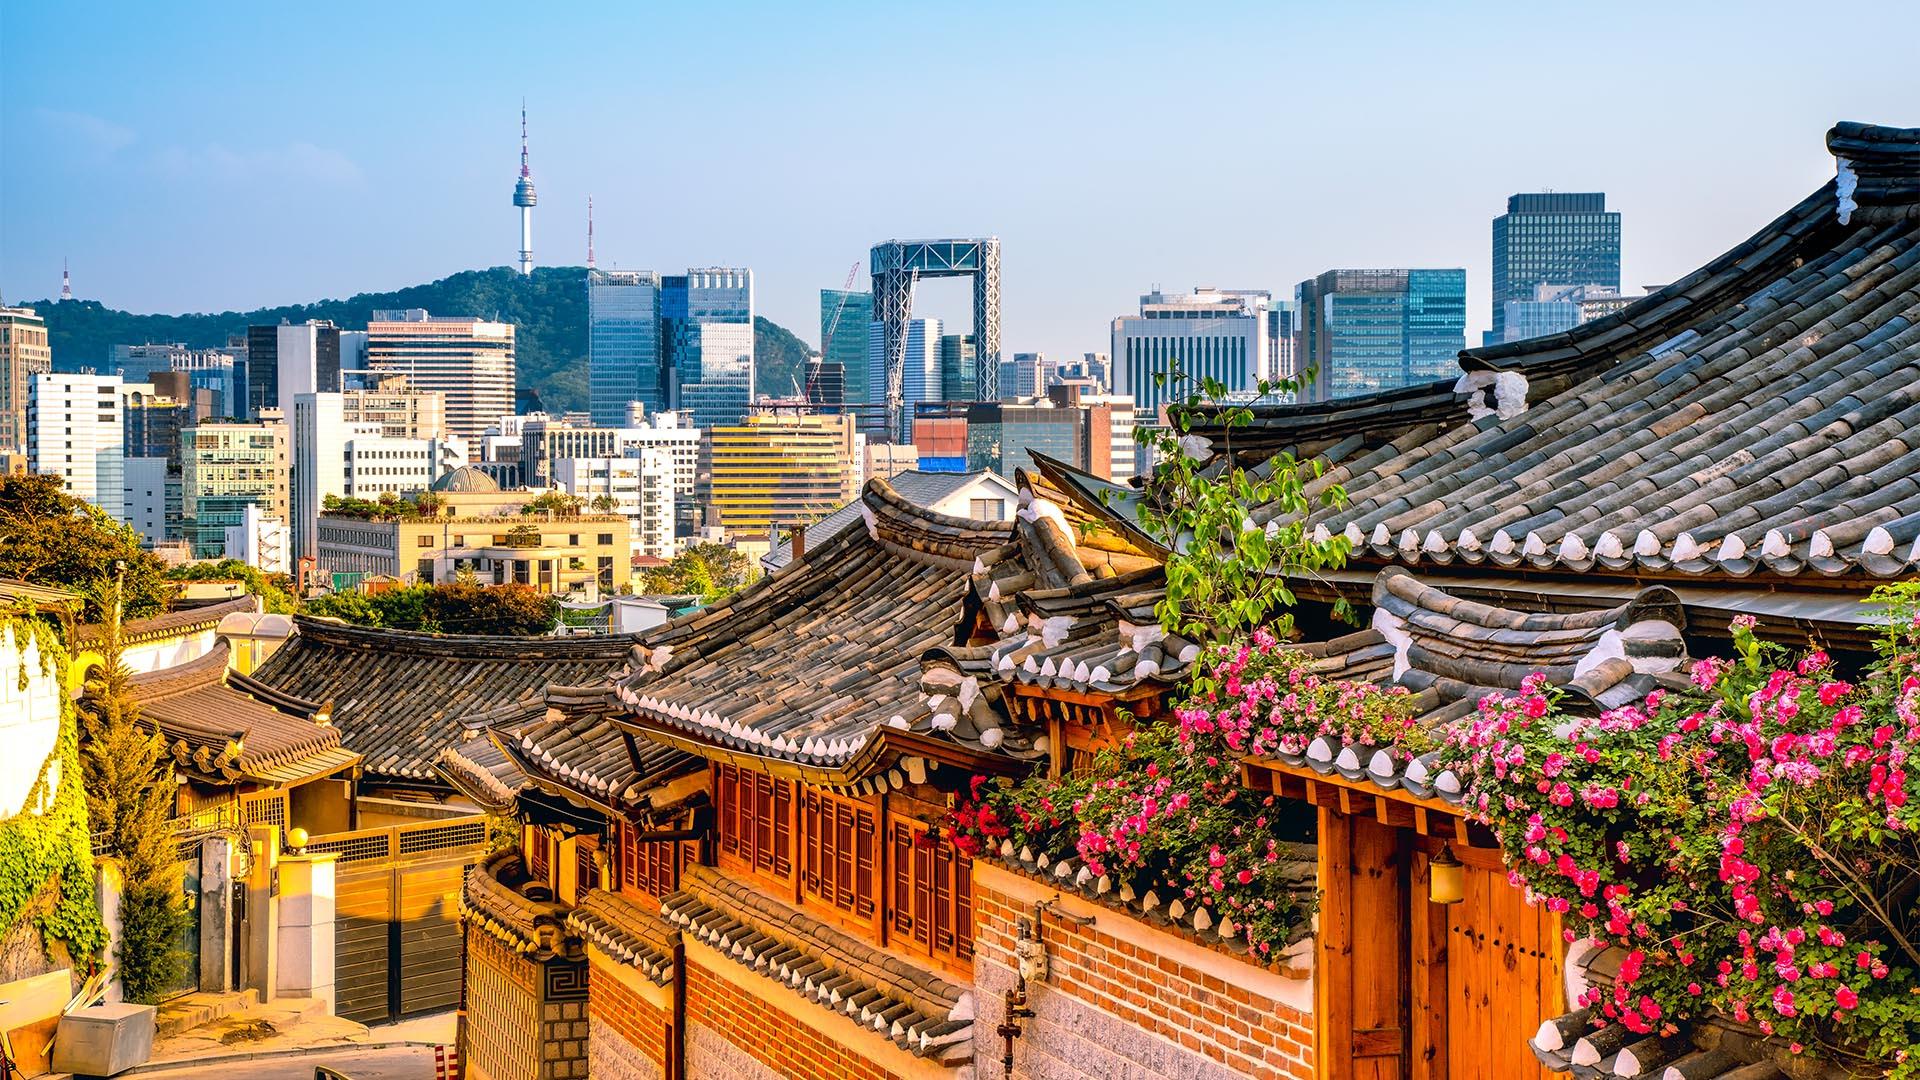 Esta ciudad que nunca duerme es un paraíso para quienes desean experimentar alguna aventura en un entorno asiático contemporáneo.Seúl es, sin lugar a dudas, la ciudad más grande de Corea del Sur y uno de los epicentros financieros y culturales de Asia Oriental